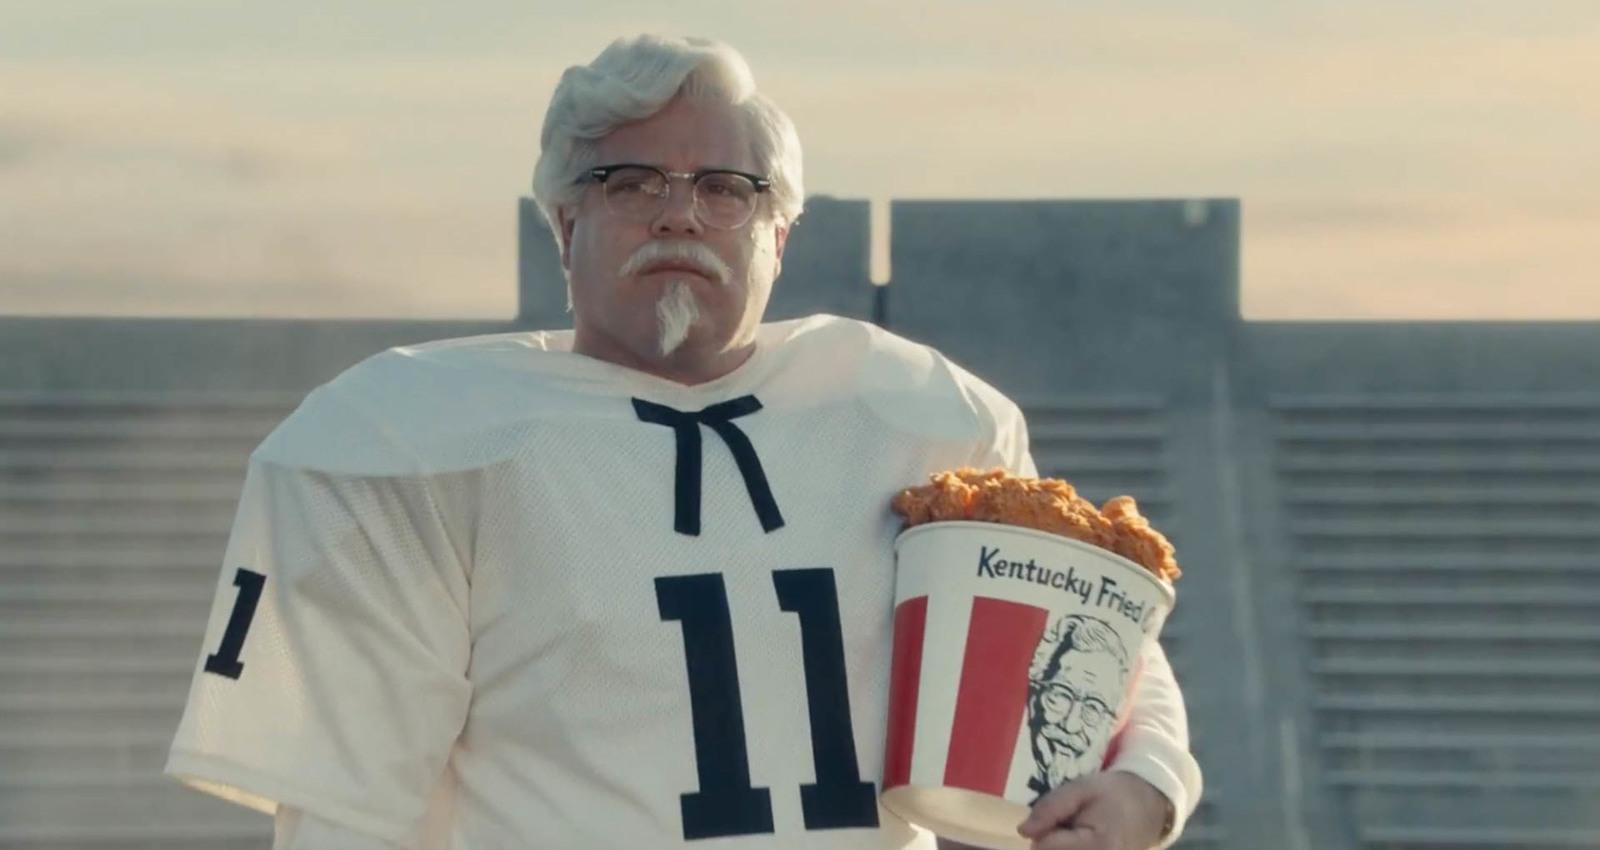 Rudy II: He's Colonel Sanders Now